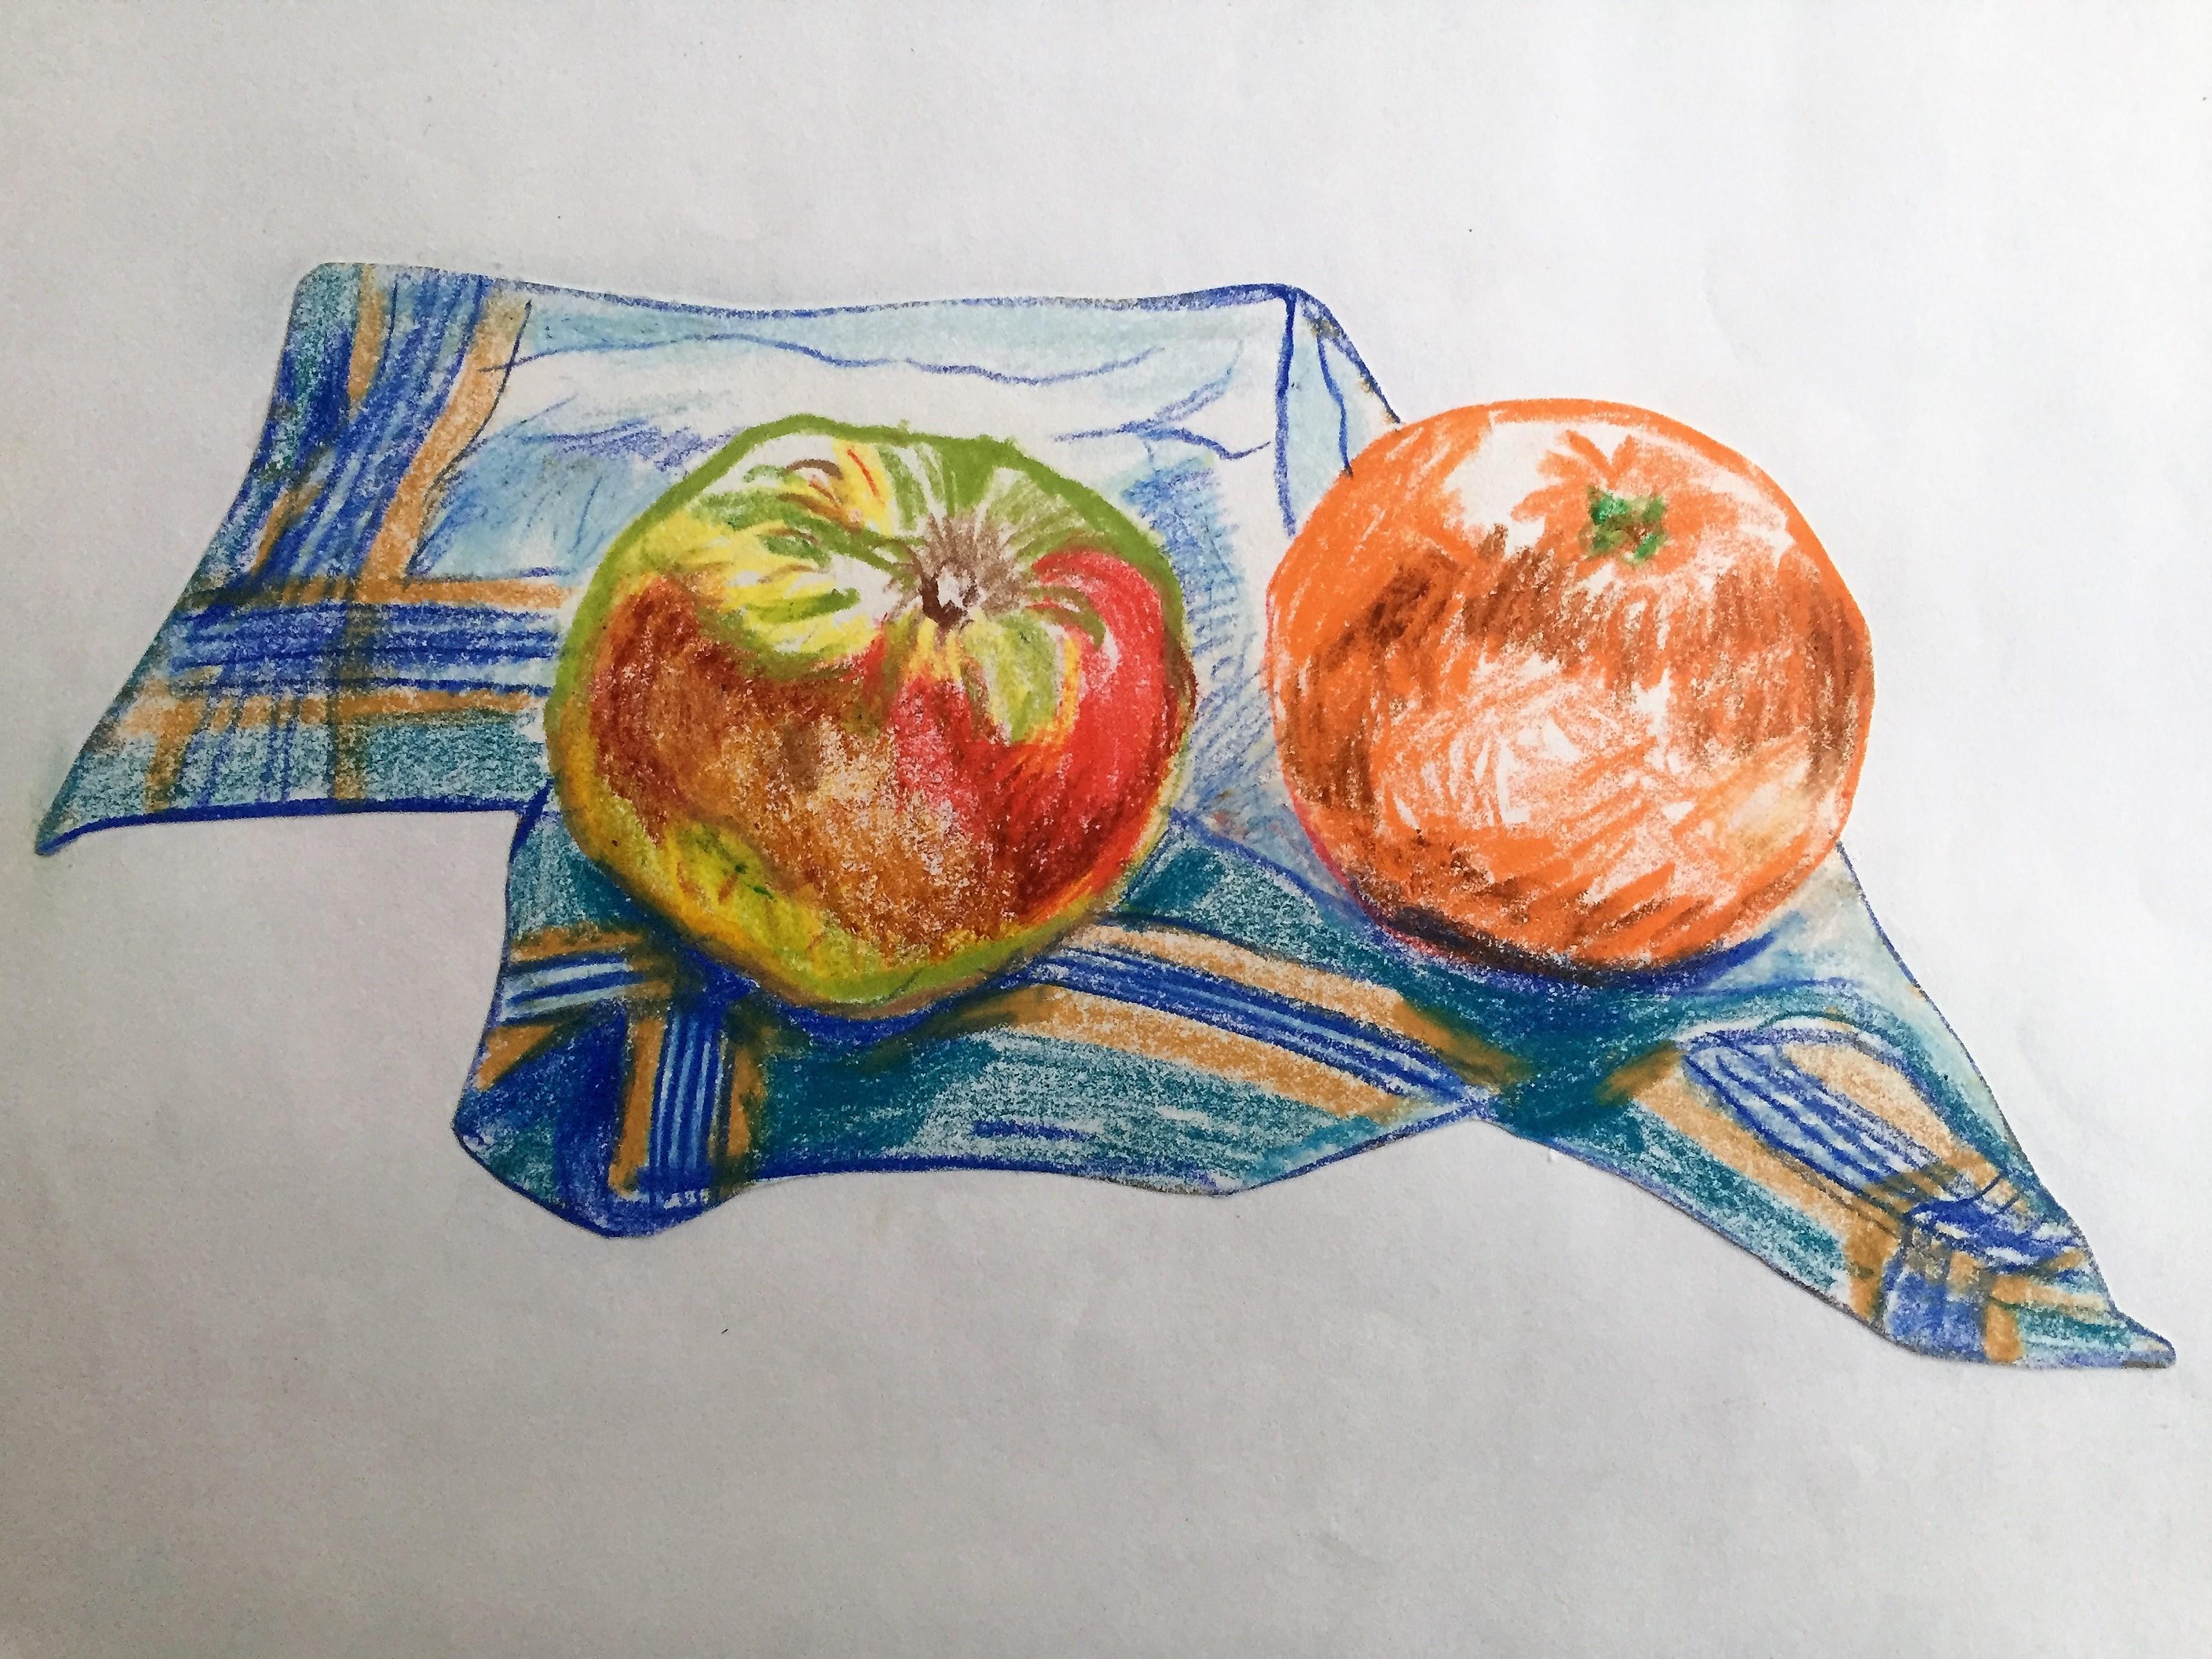 Obst auf Taschentuch 1981-05-01